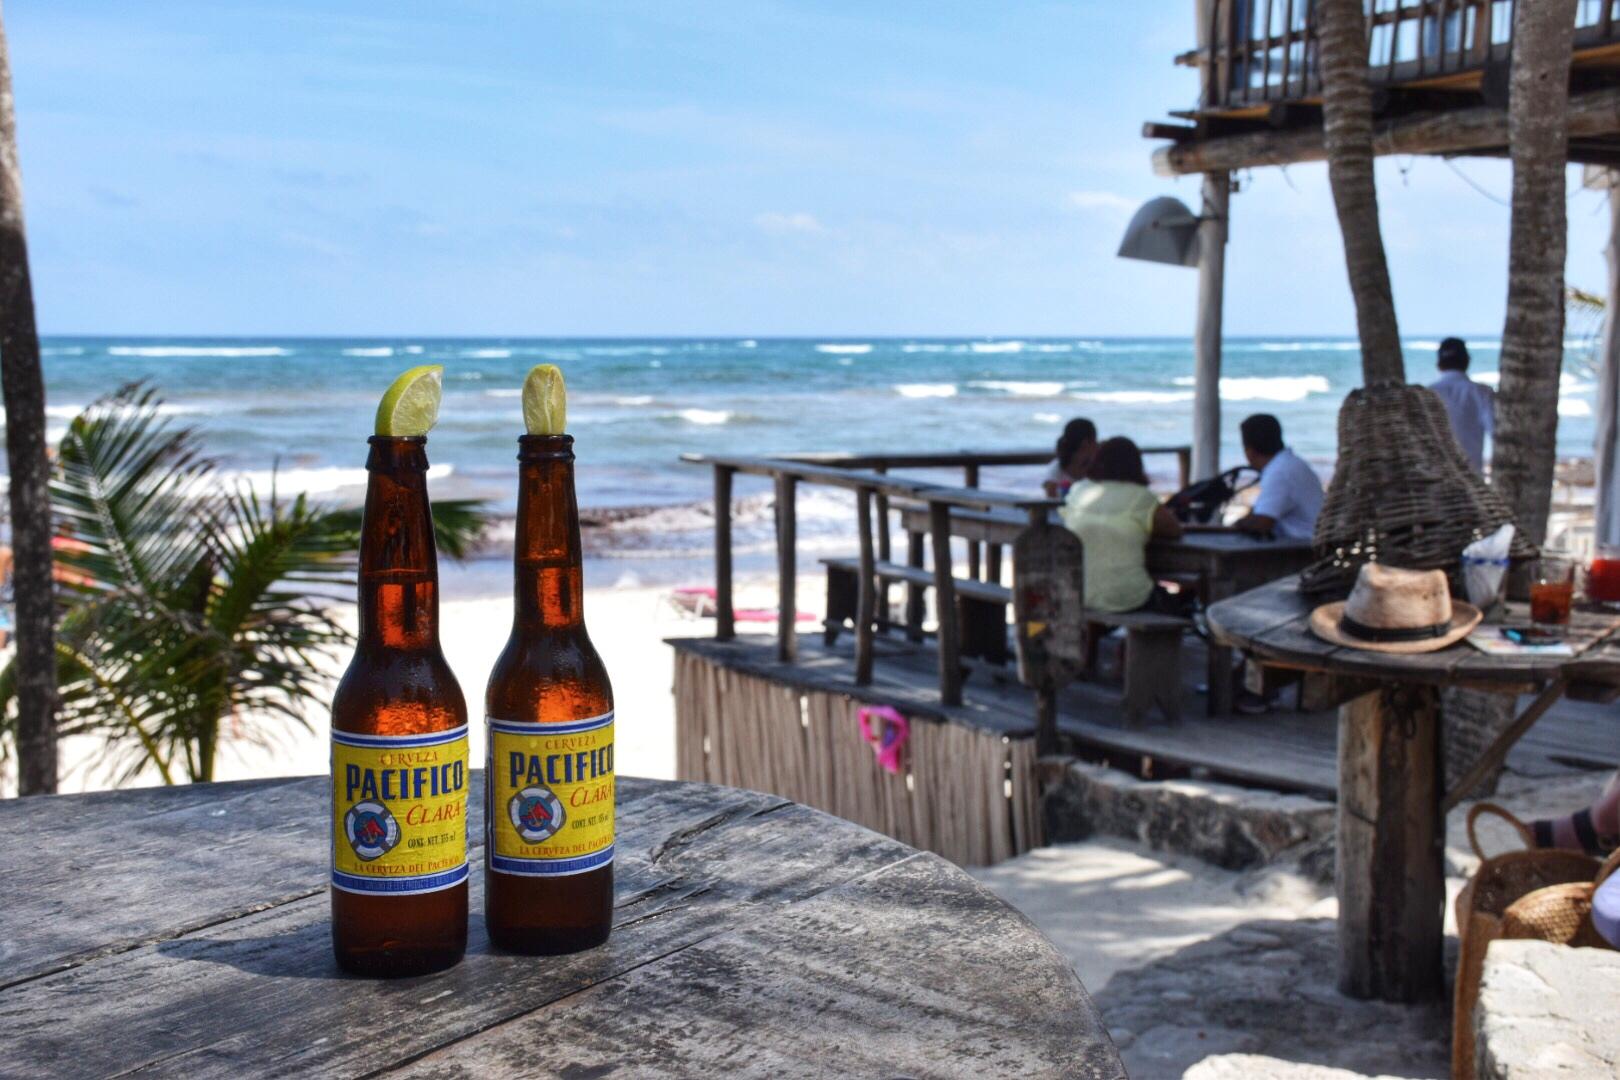 dicas de tulum mexico papaya playa beach club